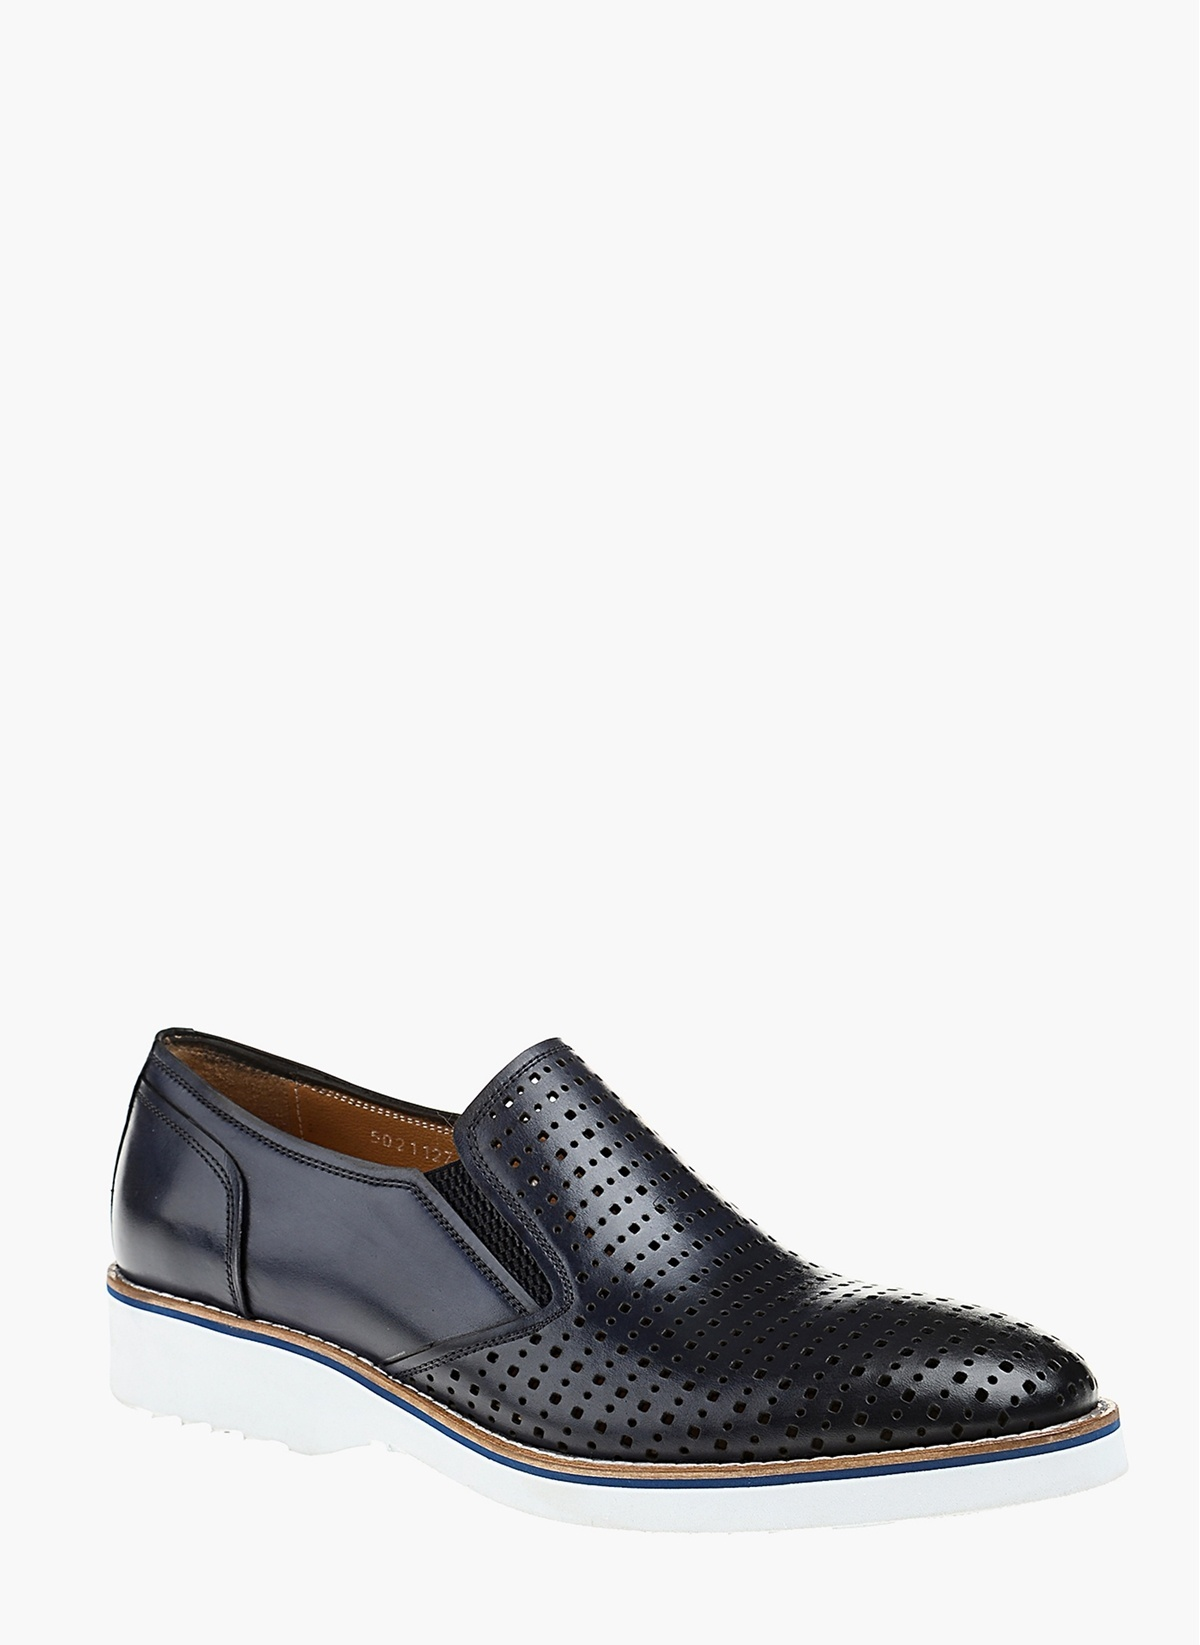 Divarese %100 Deri Klasik Ayakkabı 5021127 E Loafer – 319.0 TL